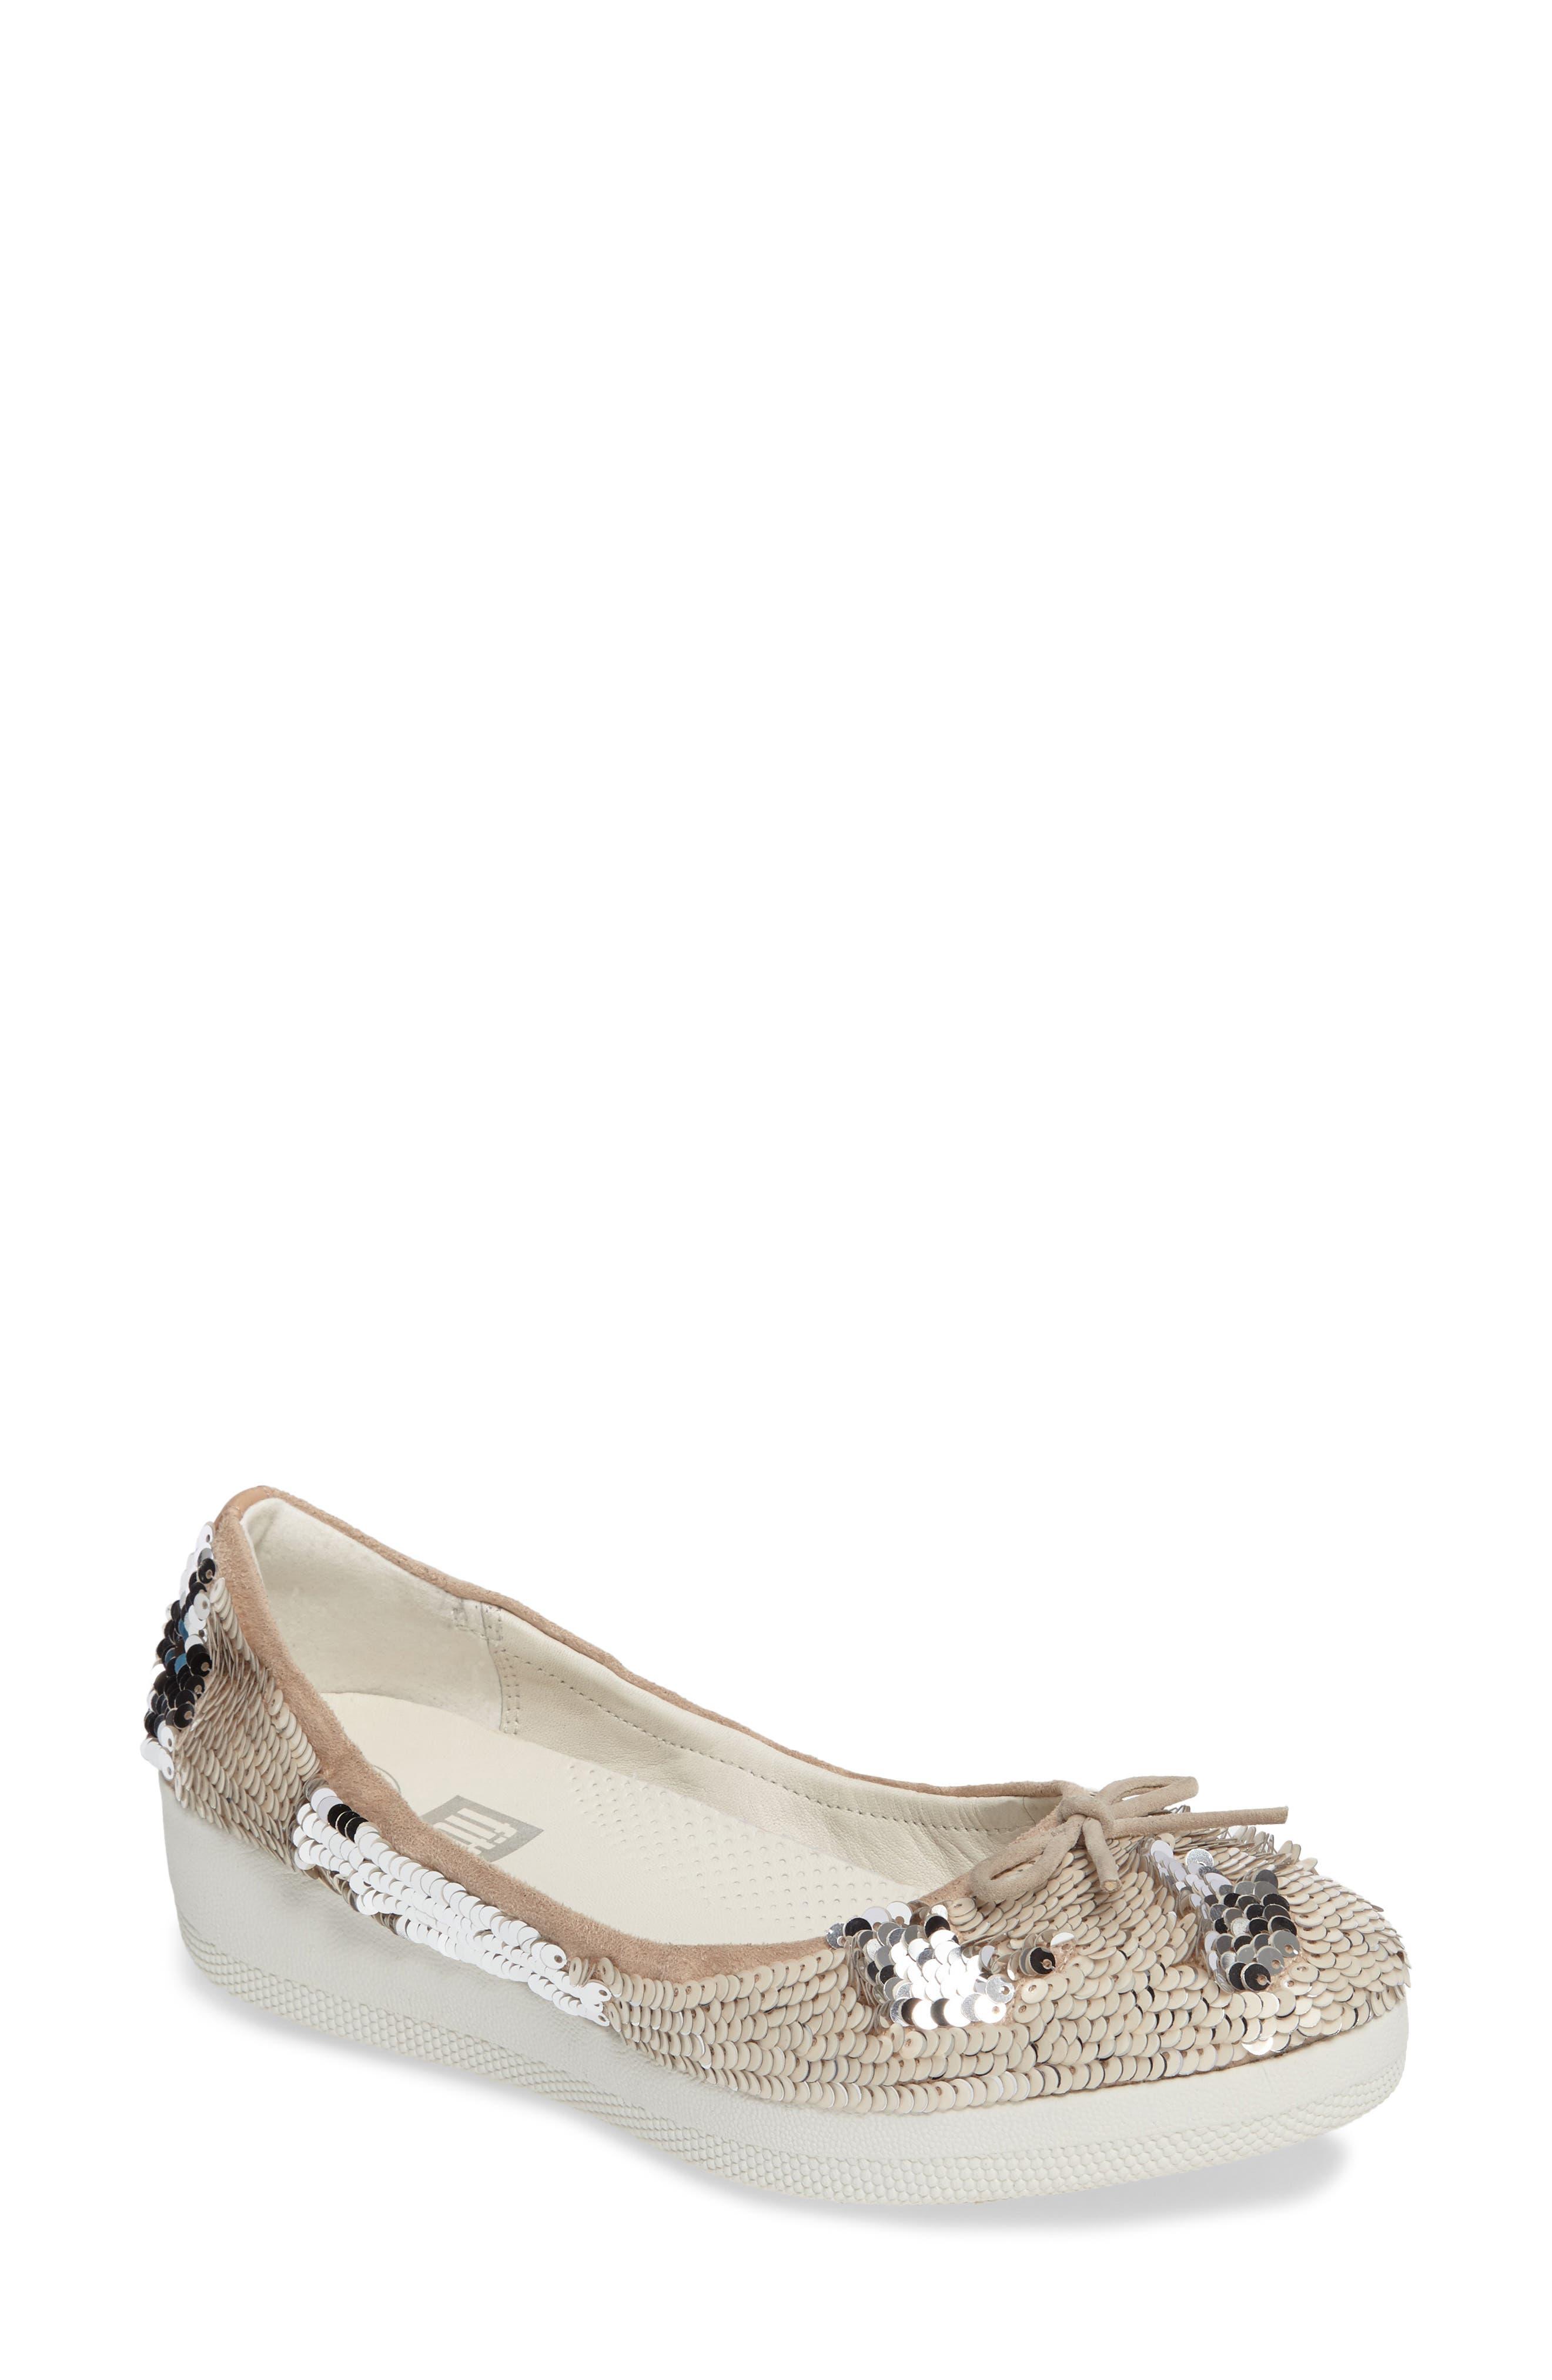 FitFlop Superballerina Sequin Ballet Flat (Women)